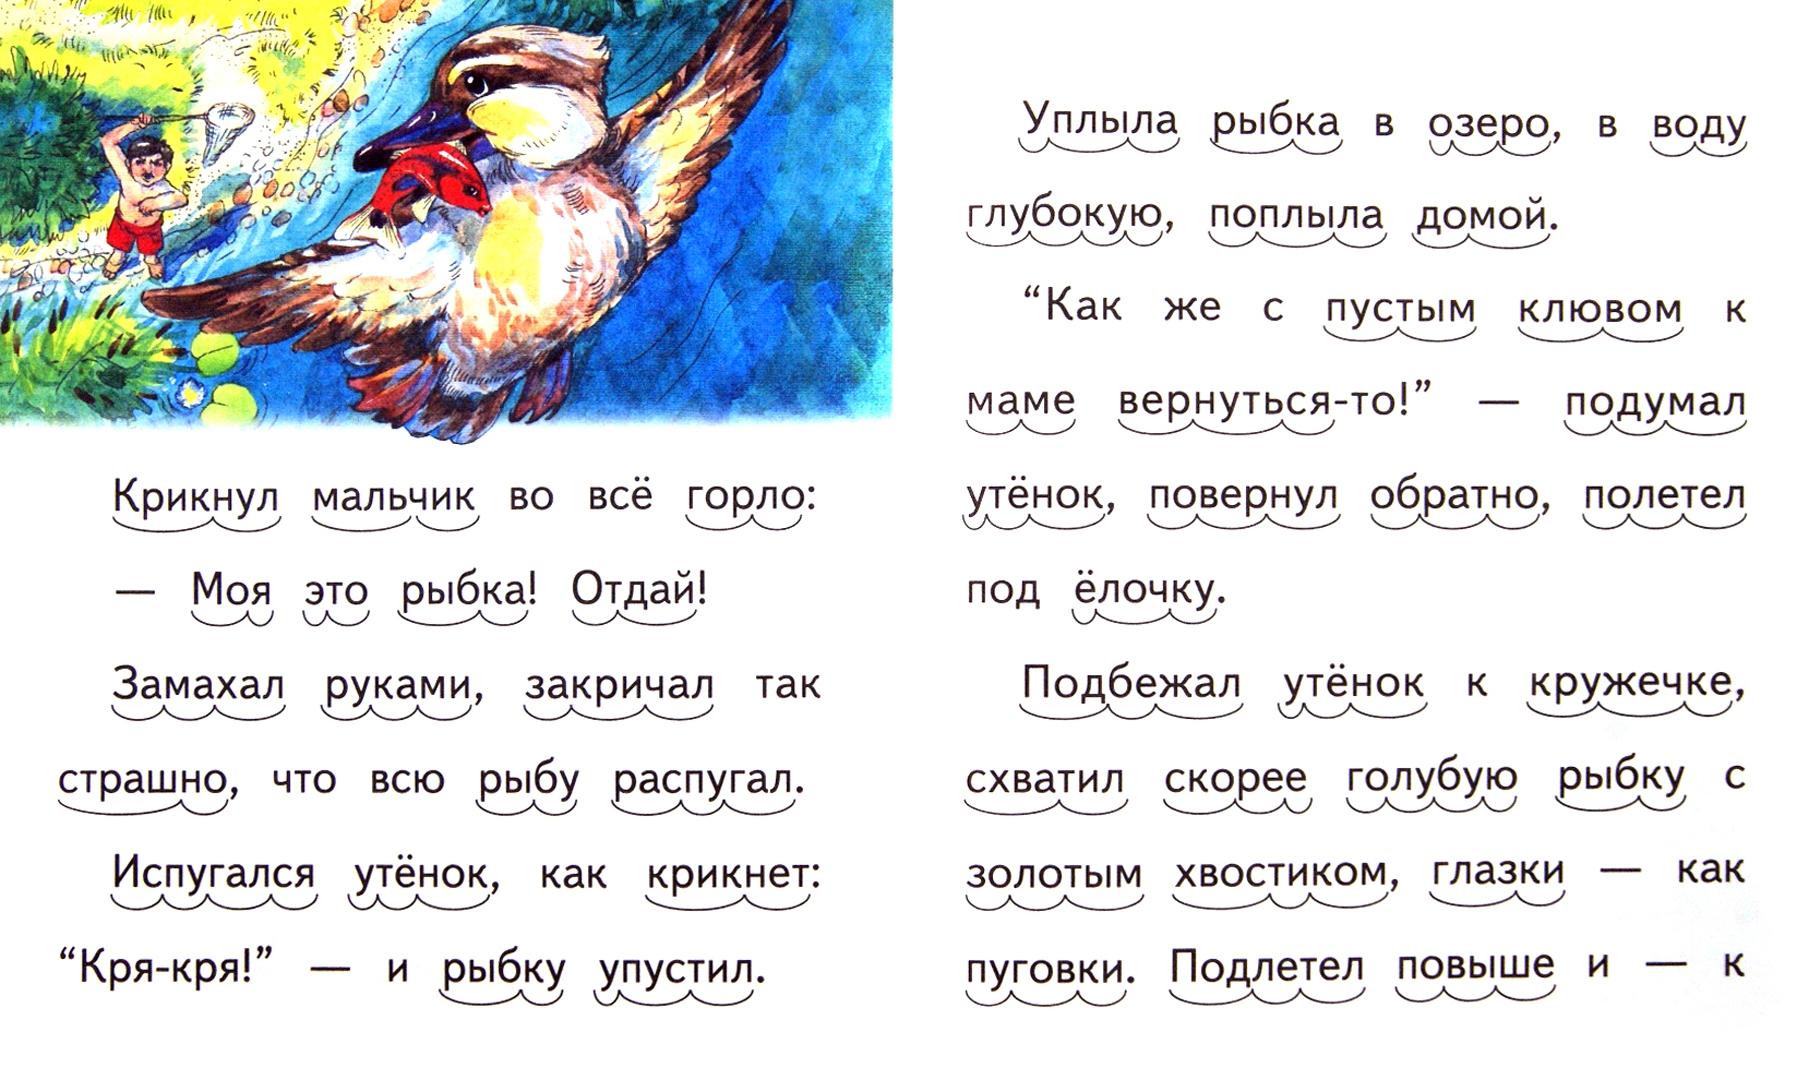 Иллюстрация 1 из 23 для Кружечка под ёлочкой - Борис Житков | Лабиринт - книги. Источник: Лабиринт